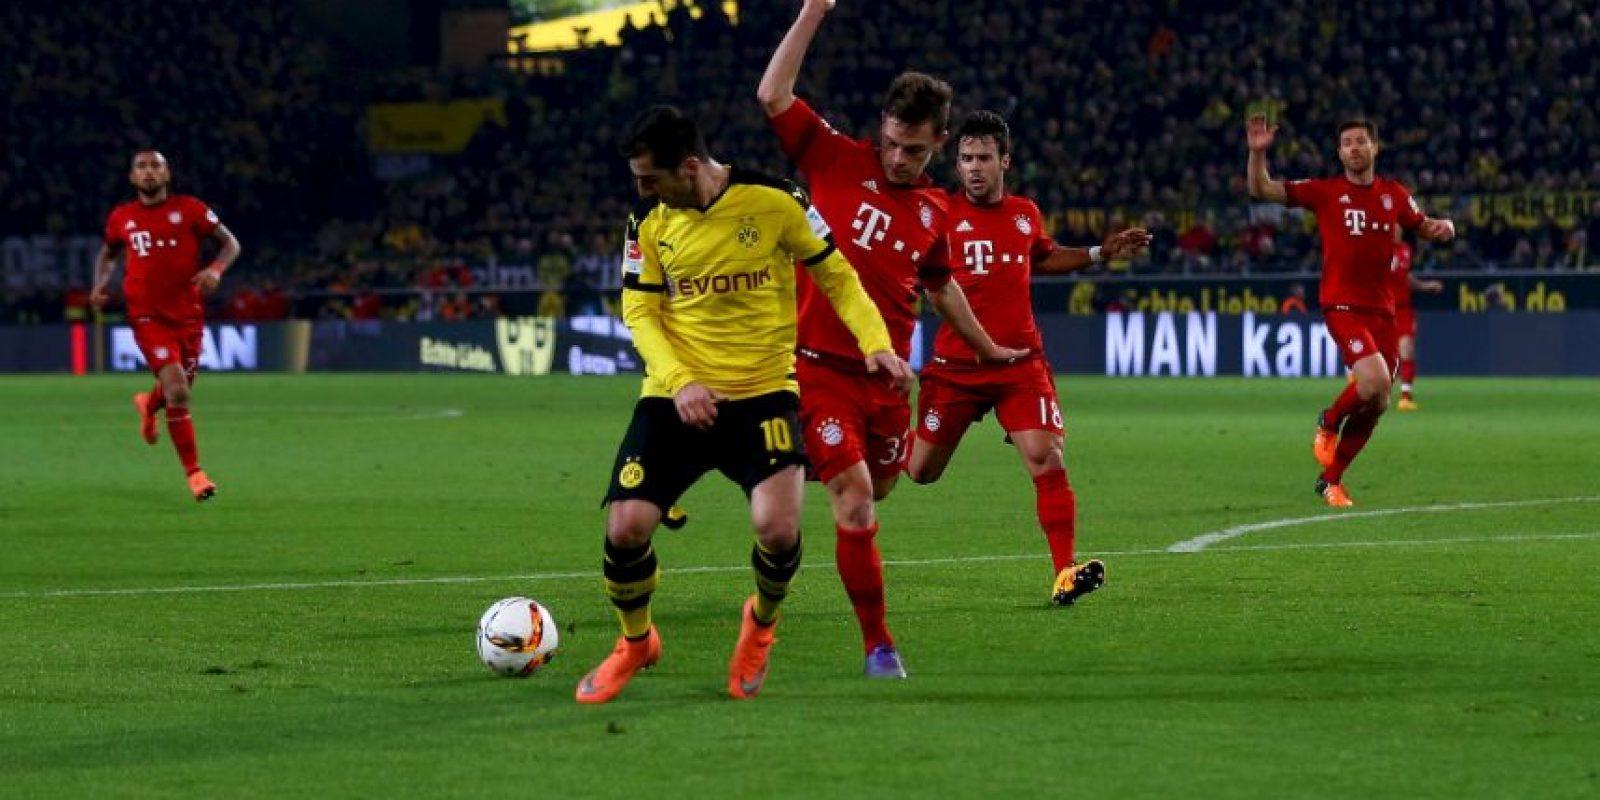 Joshua Kimmich, defensa del Bayern Munich, no dio su mejor partido contra el Borussia Dortmund. Foto:Getty Images